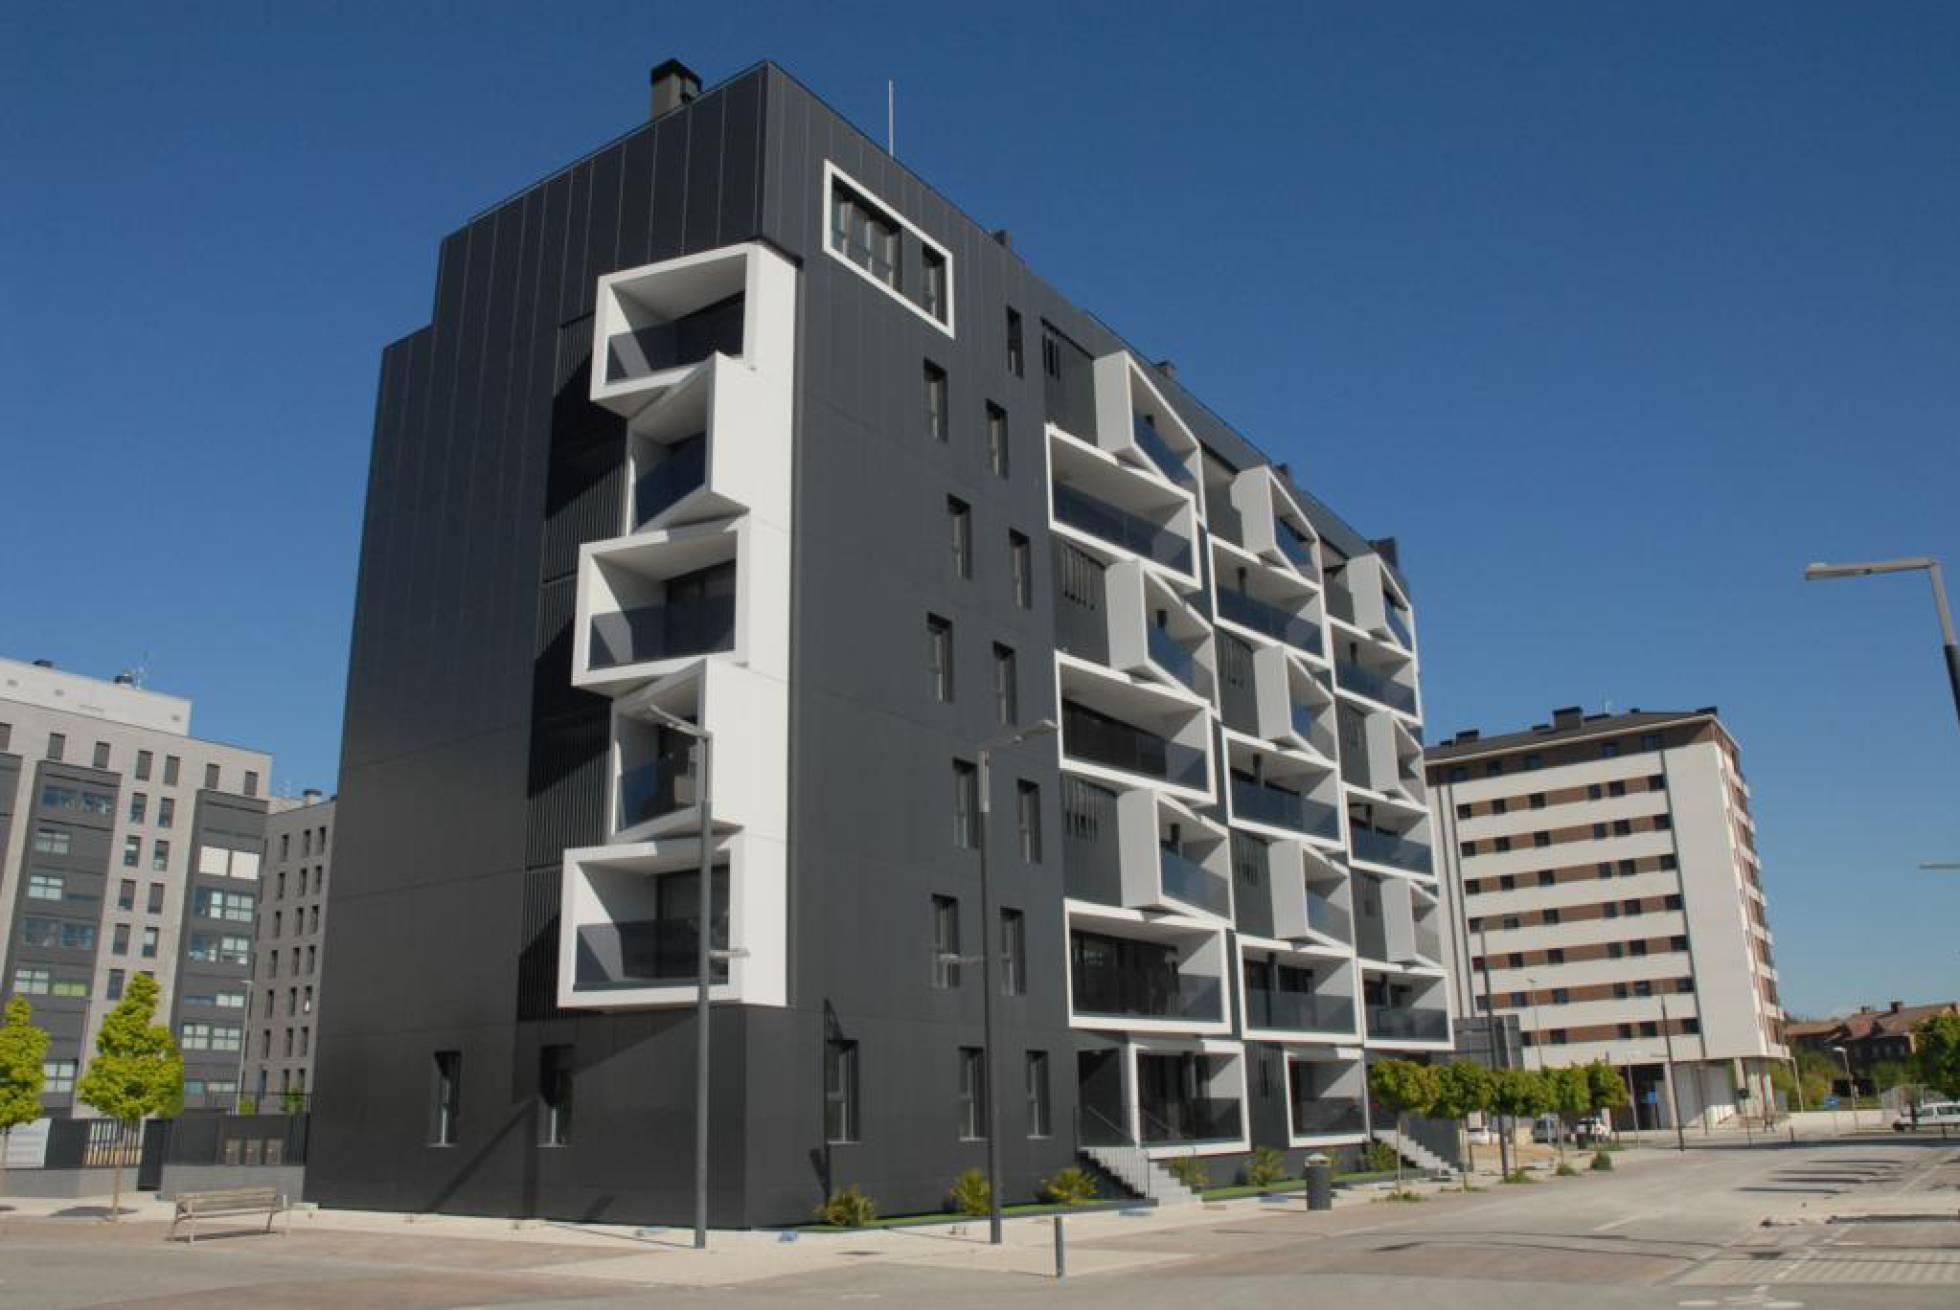 Edificio con certificado passivhaus, situado en Pamplona